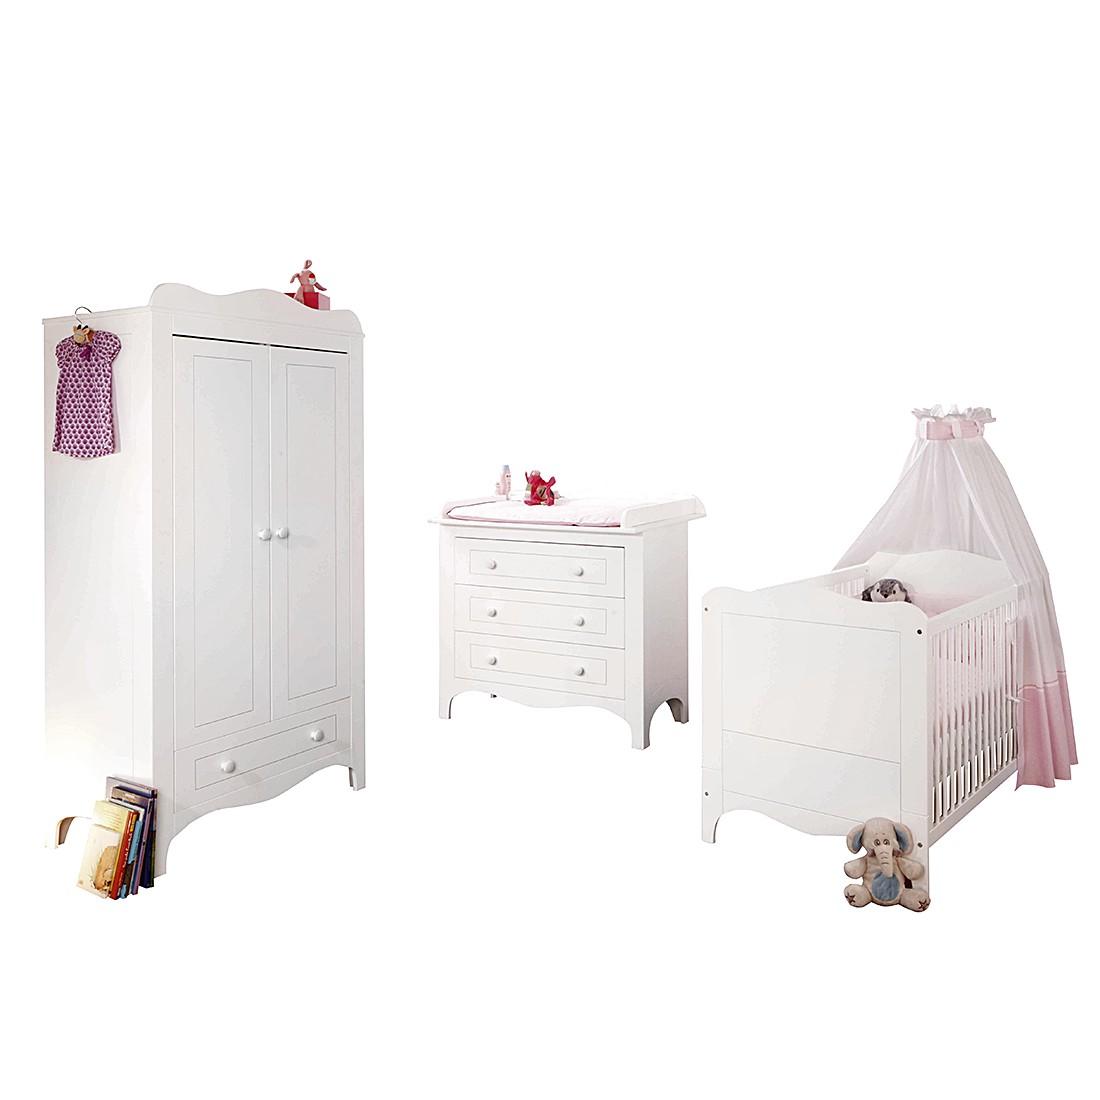 Chambre de bébé Fleur (3 éléments) - Blanc - Mat précieux, Pinolino